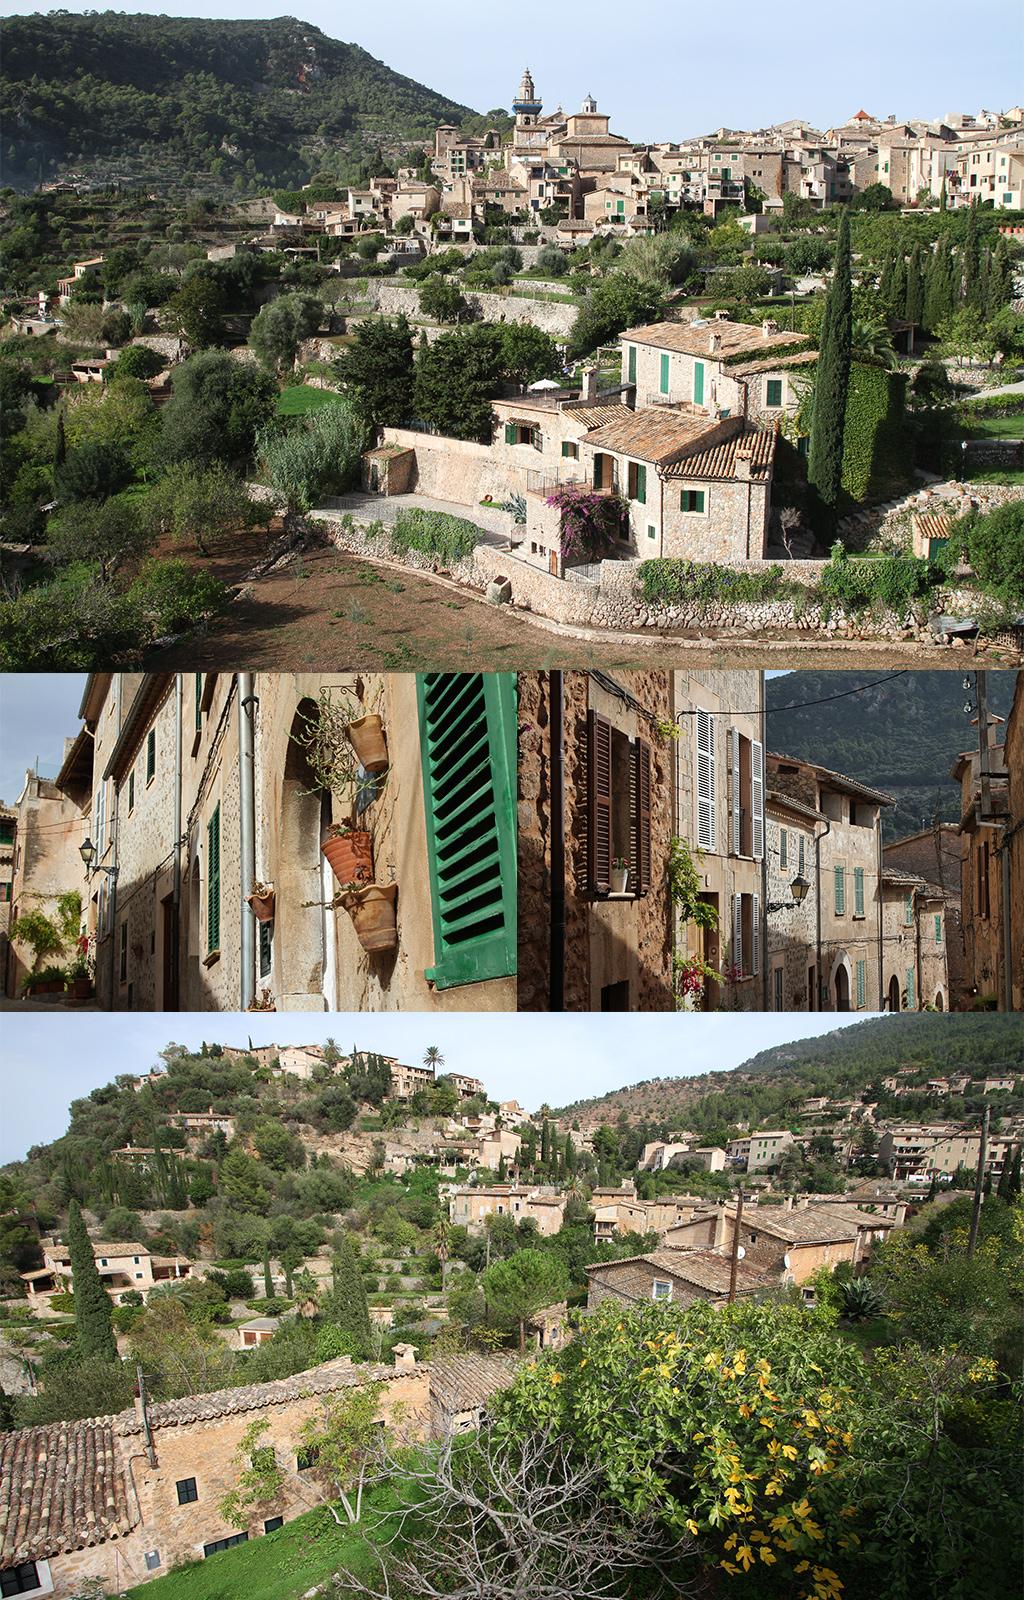 fijnste eilanden in Zuid-Eruopa - bergdorpjes Mallorca